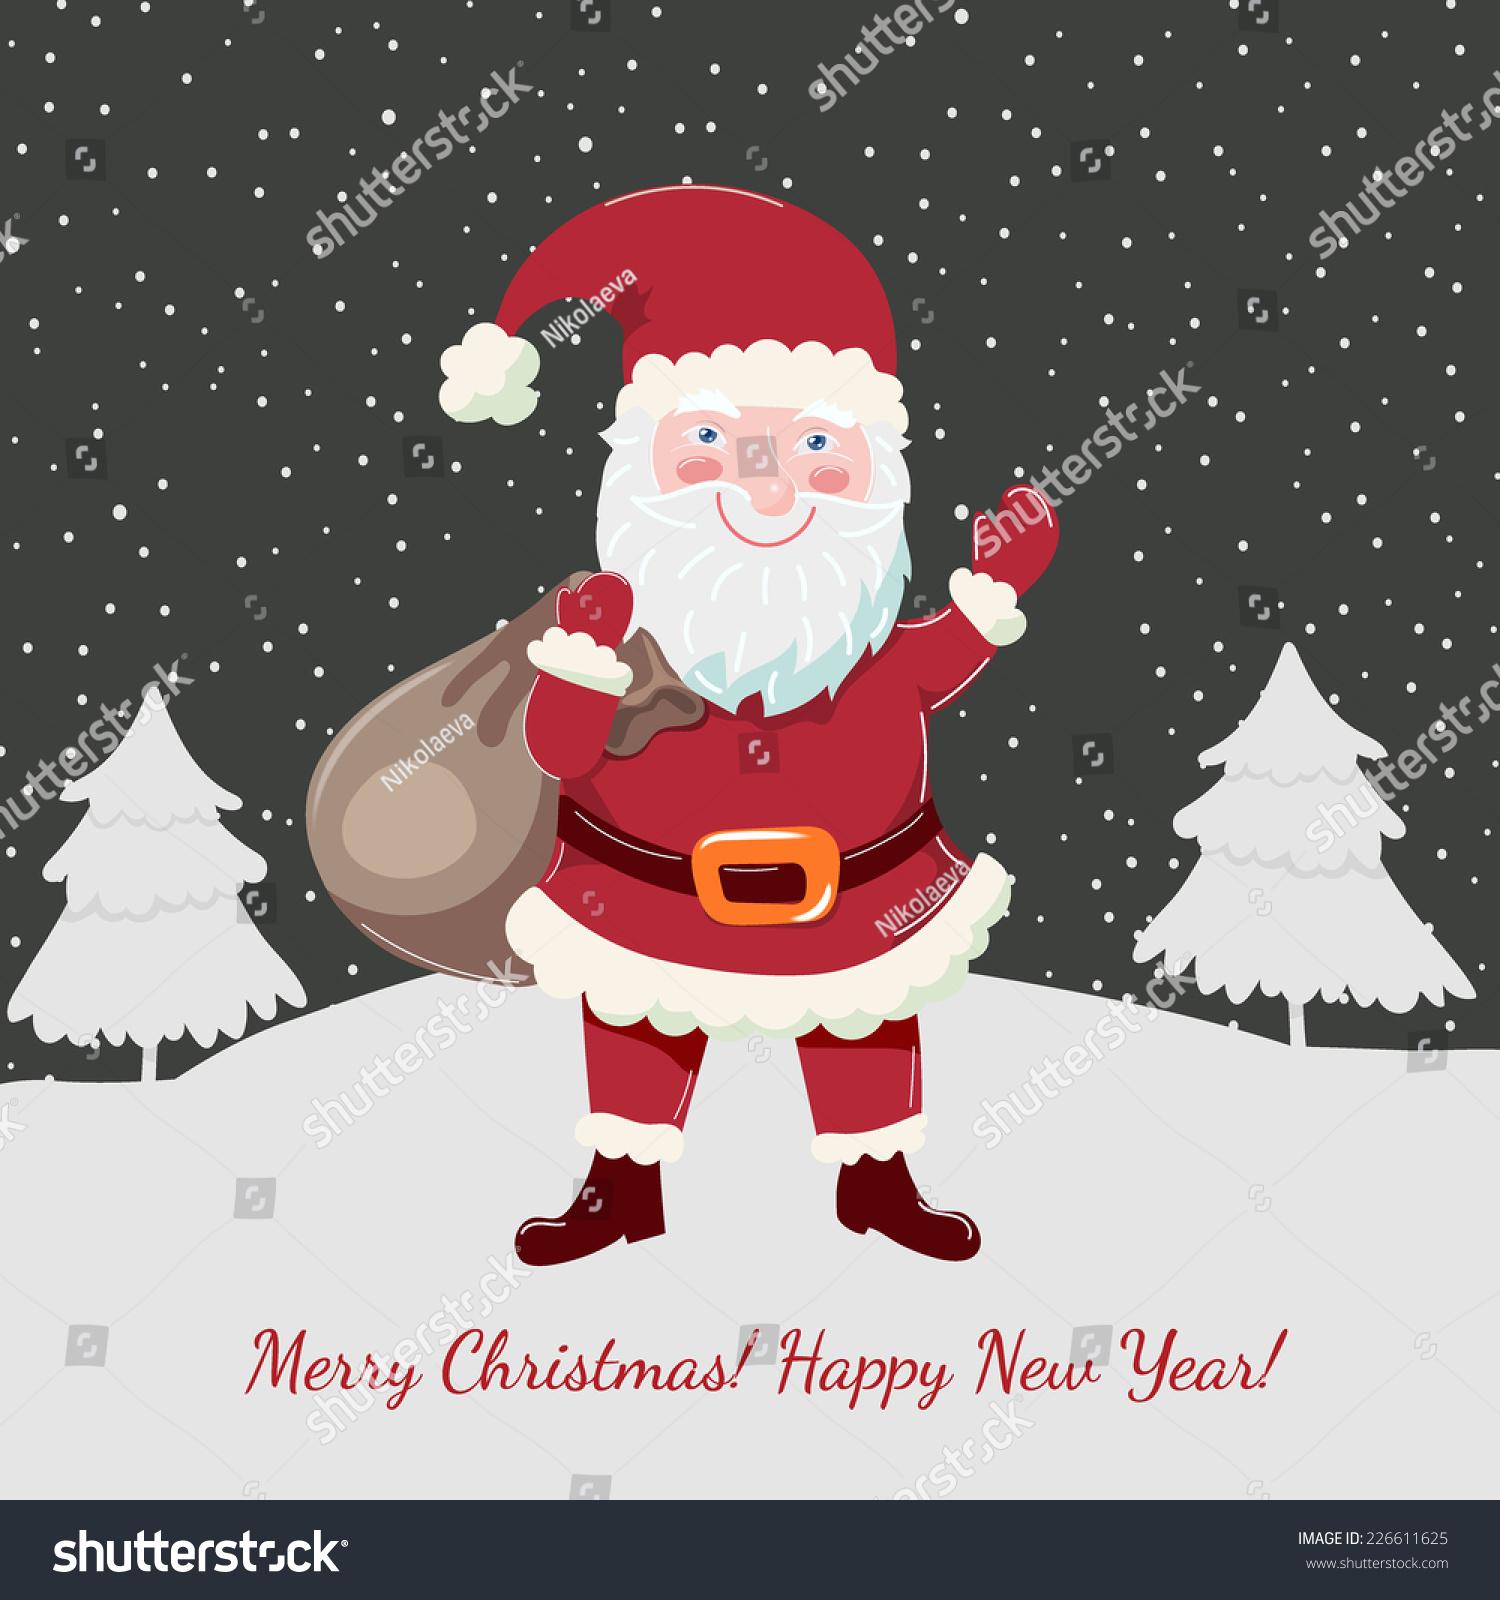 Christmas Card Dancing Sheep Hand Drawn Stock Vector (Royalty Free ...